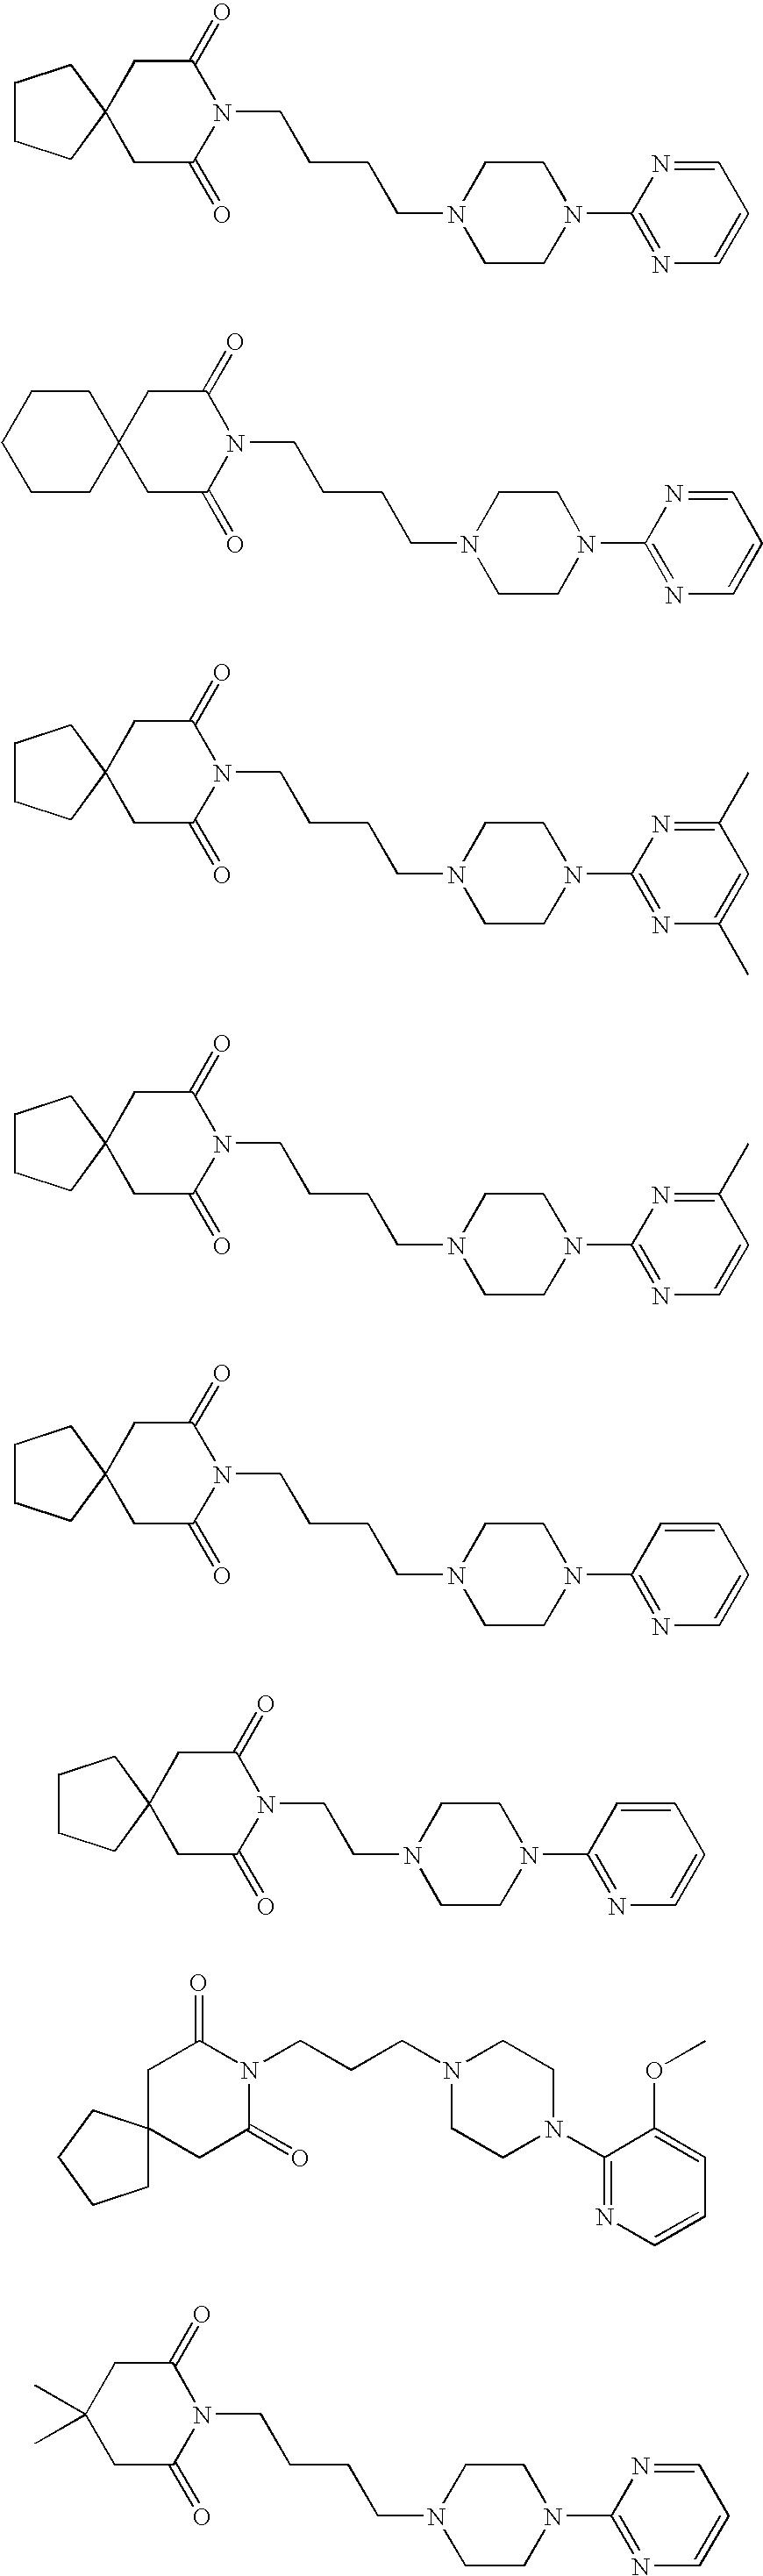 Figure US20100009983A1-20100114-C00008